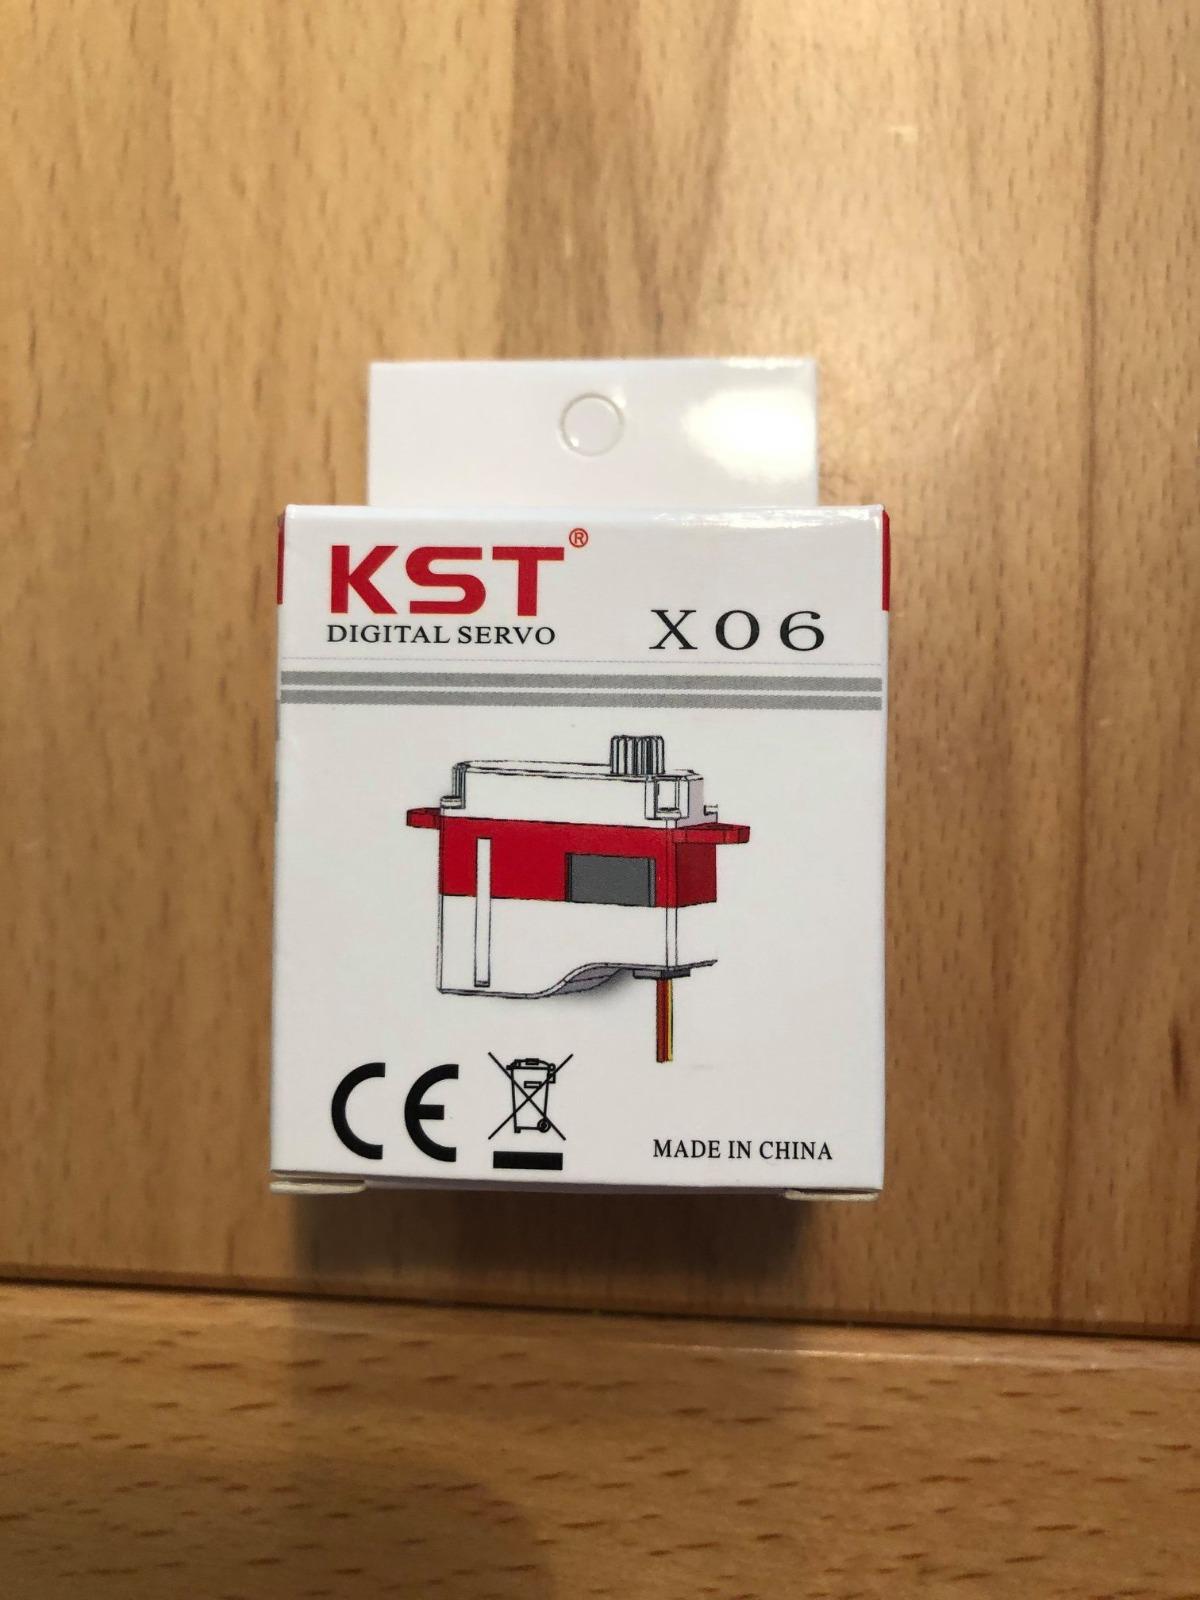 KST X06 WhatsApp Image 2020-09-15 at 11.03.52.jpeg